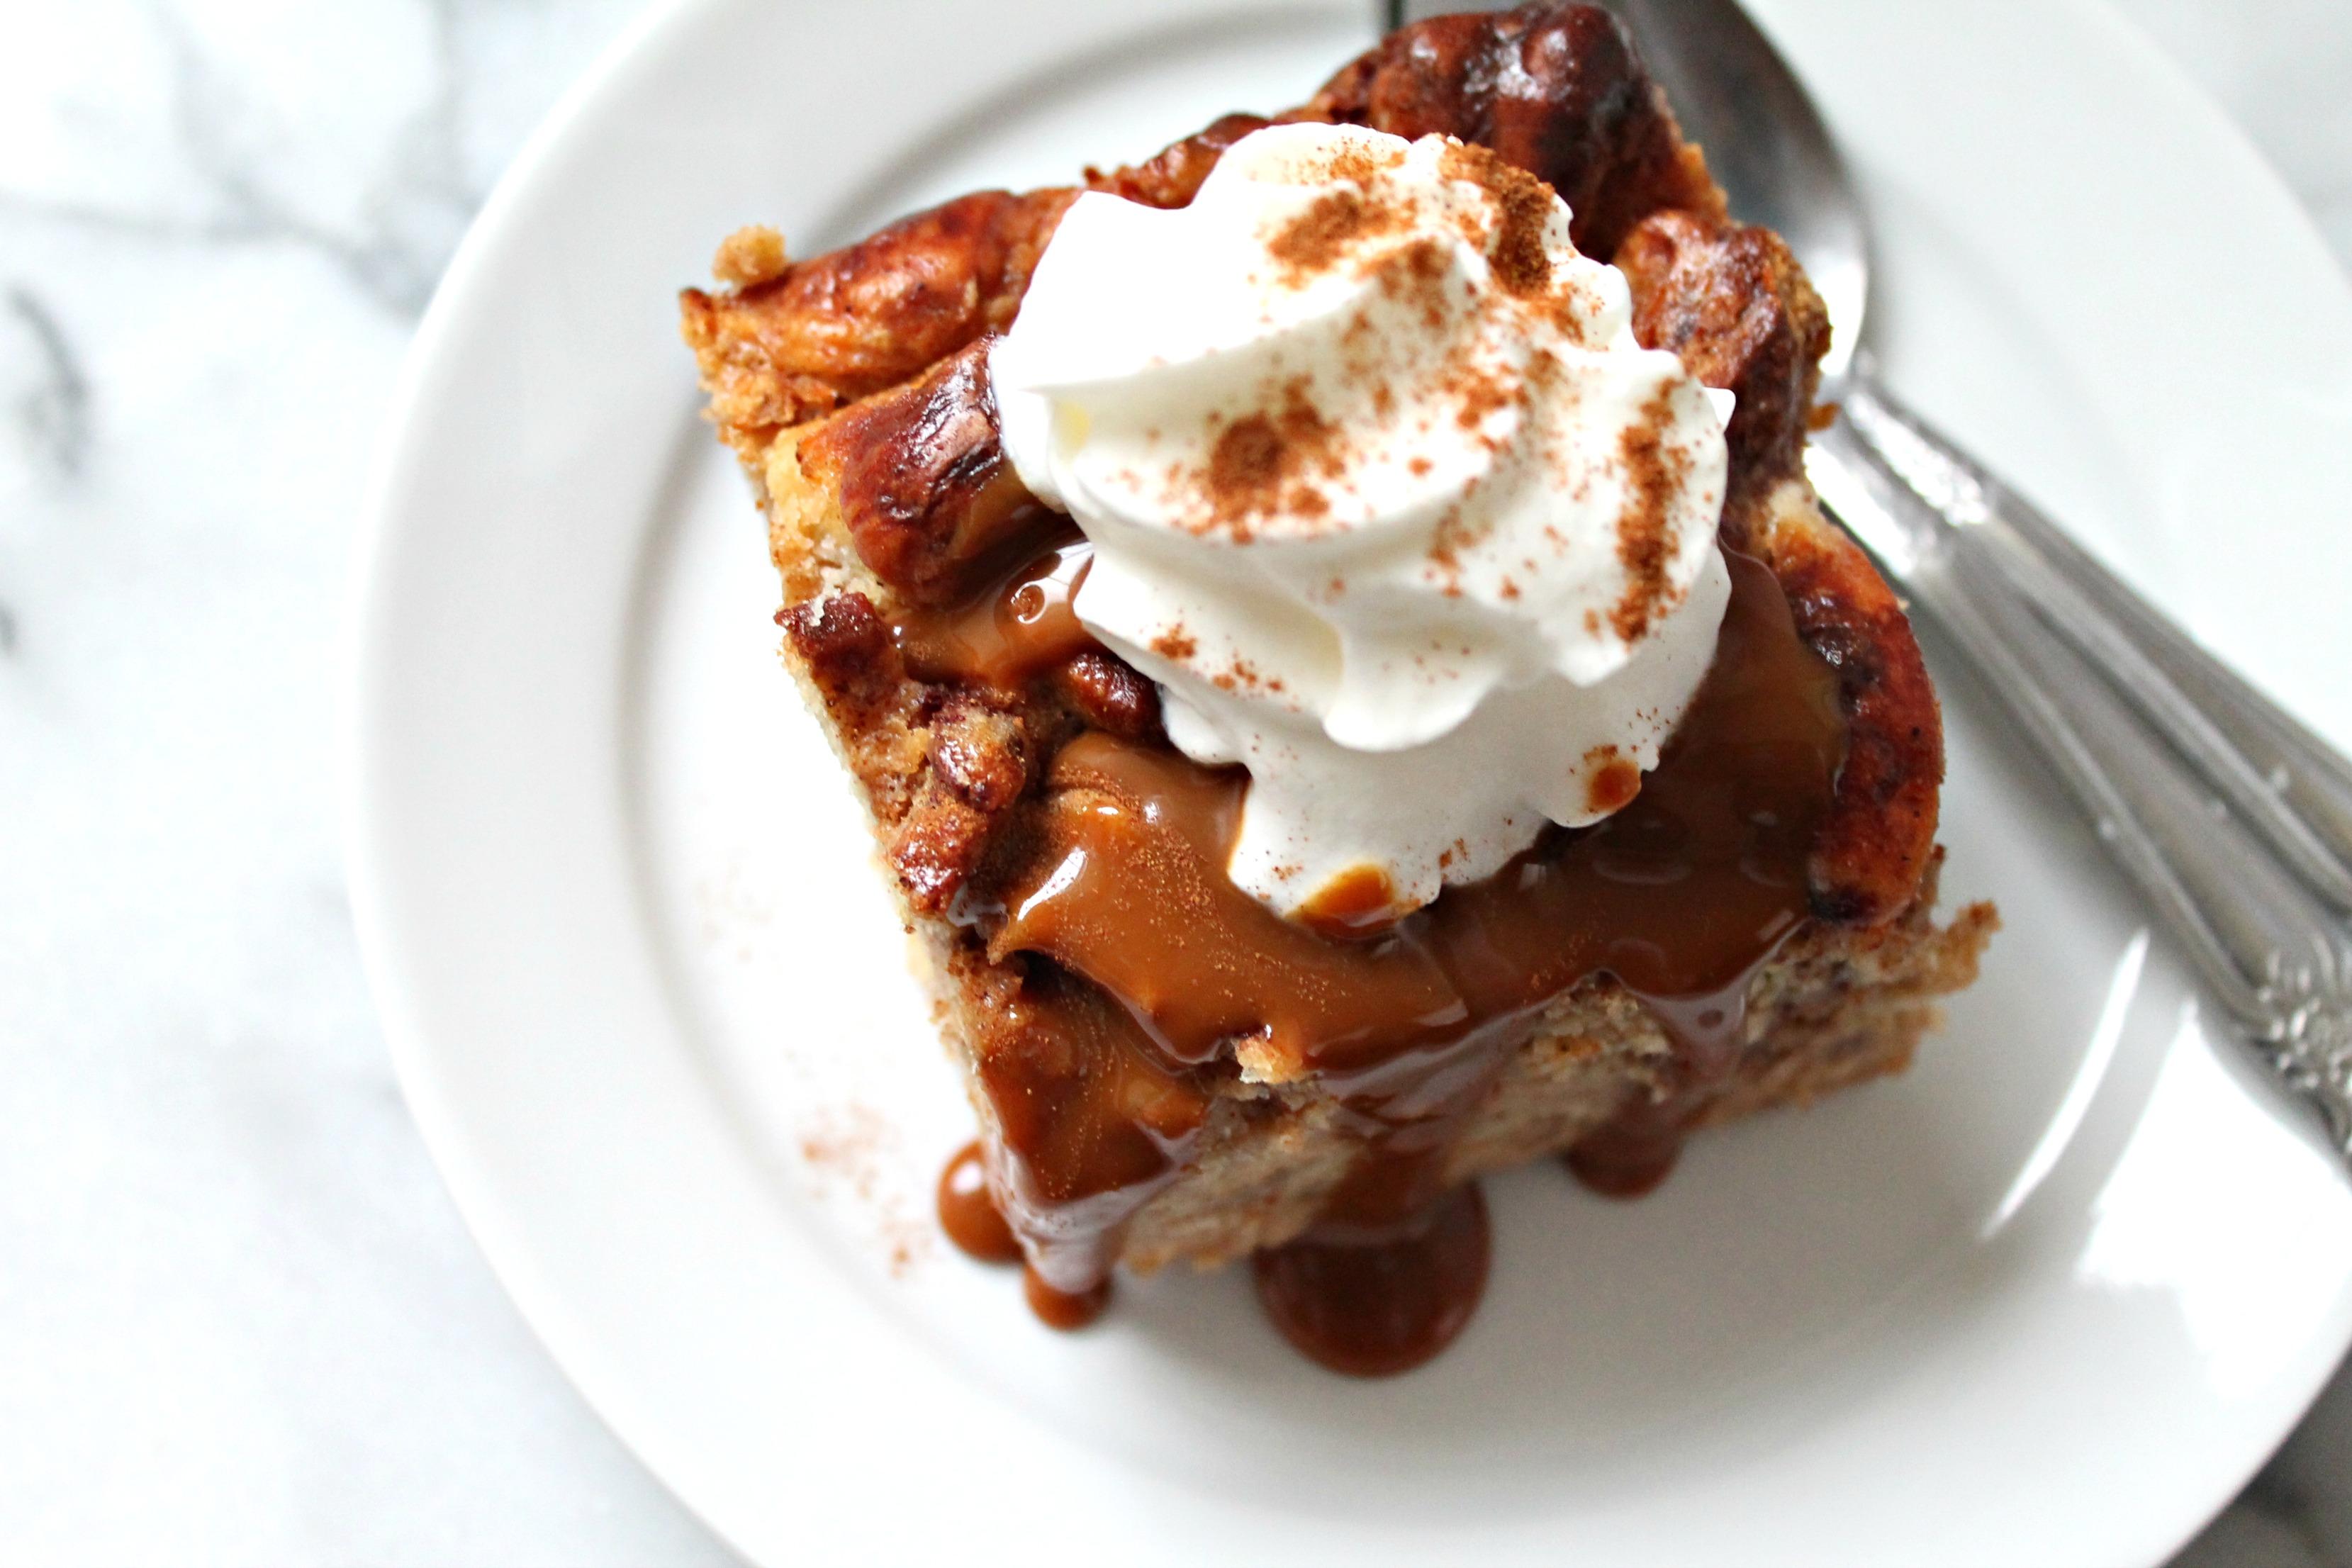 Cinnamon Roll & Dulce de Leche Bread Pudding